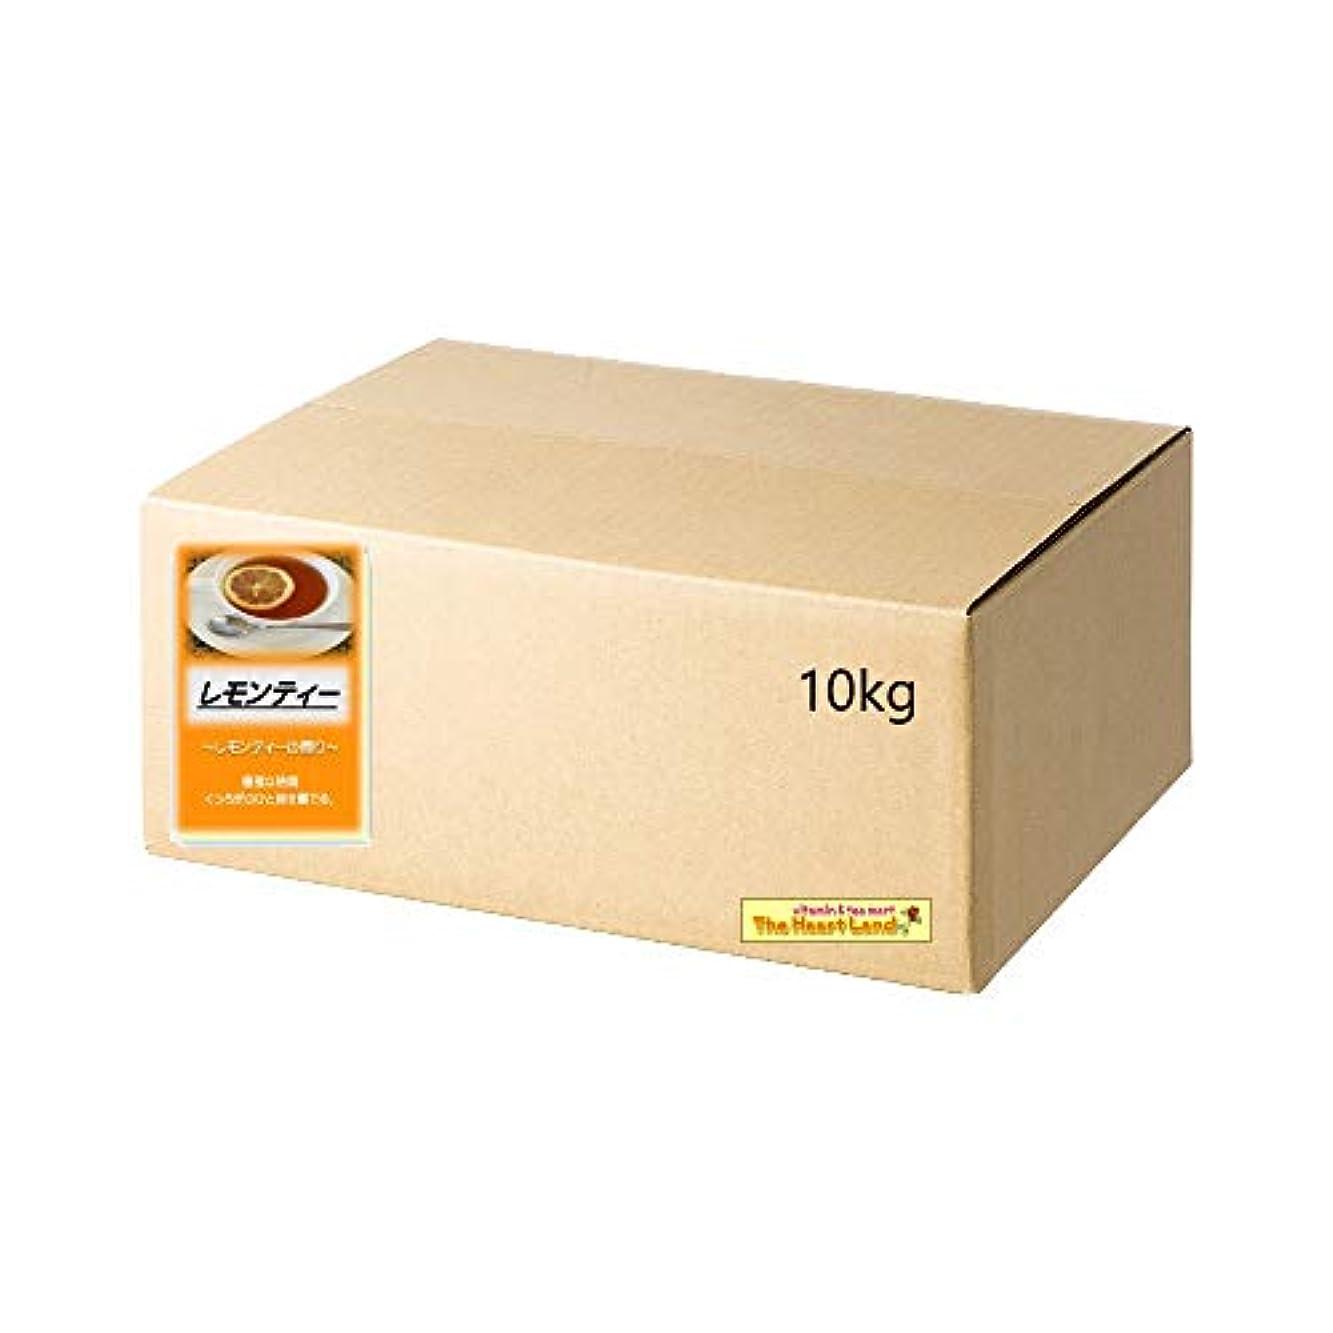 胃一貫したフレットアサヒ入浴剤 浴用入浴化粧品 レモンティー 10kg